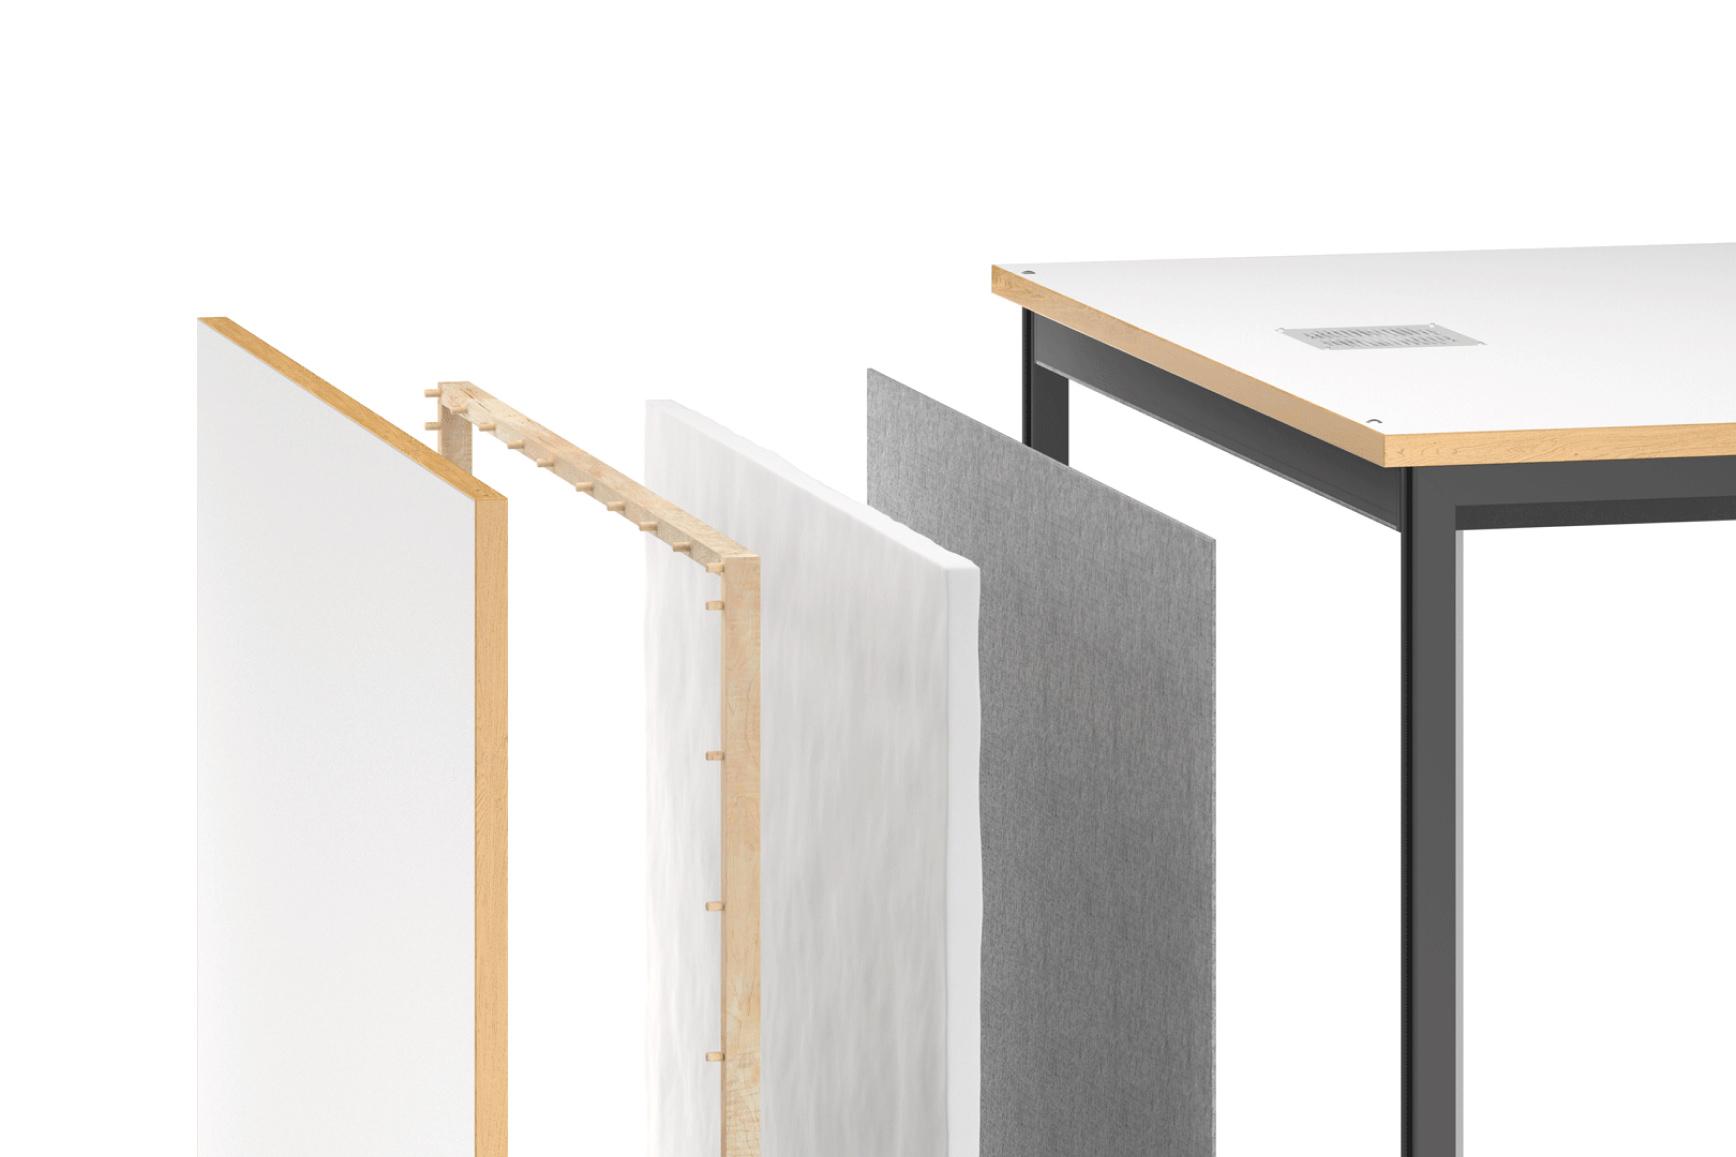 Vier schallabsorbierende Schichten der Telefonkabine: Holz, recyceltes Dämmmaterial und Akustikfilz.